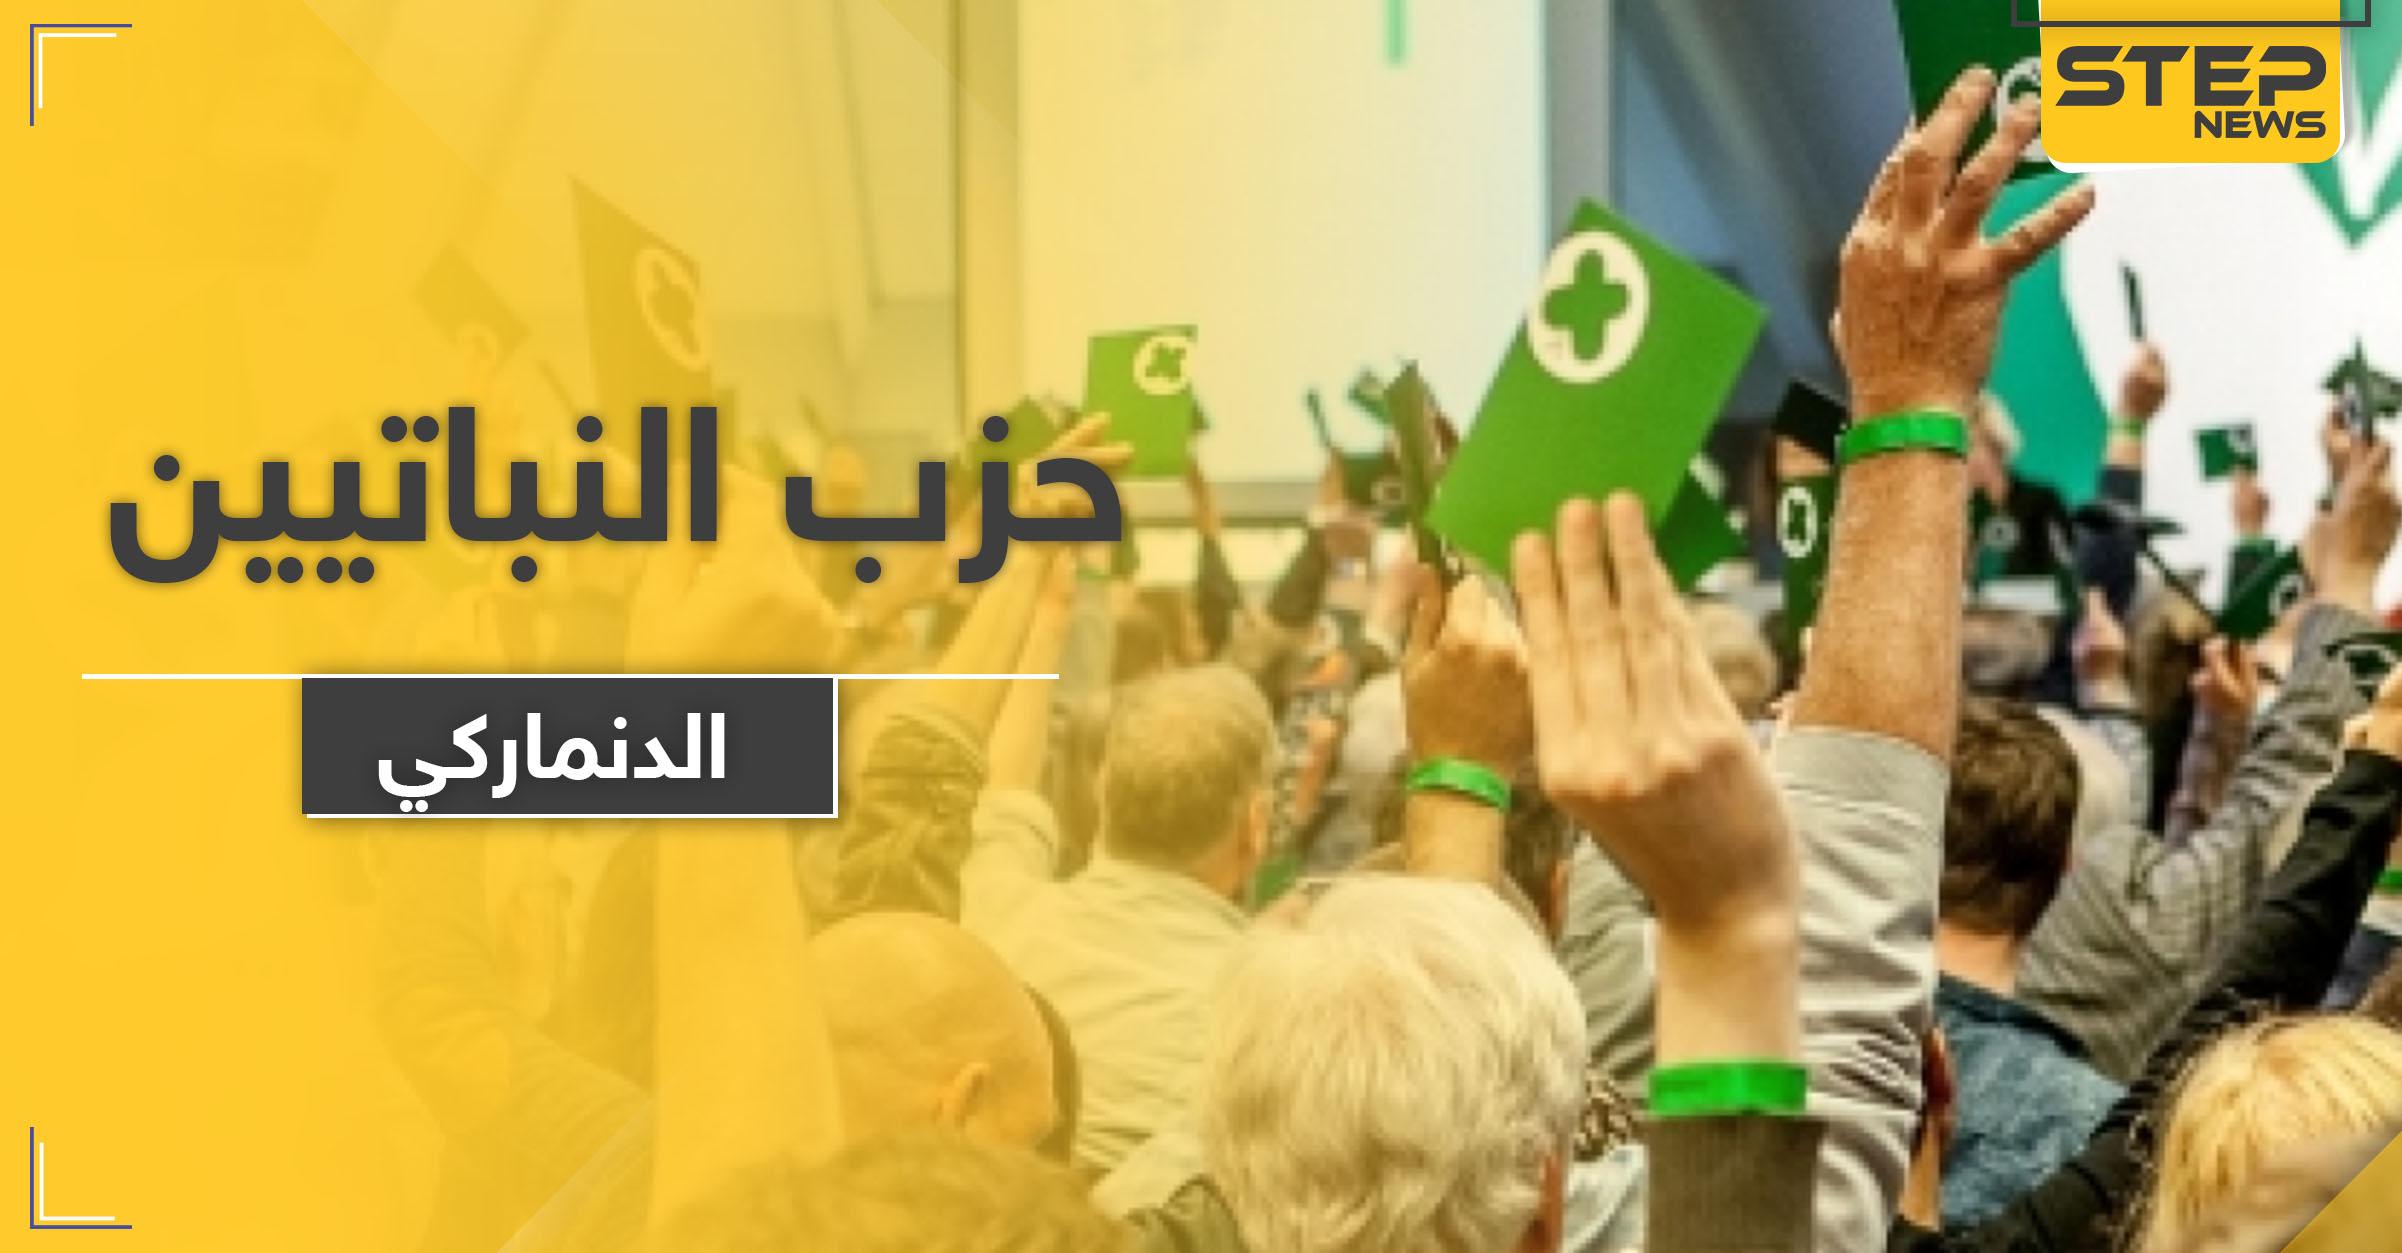 حزب النباتيين الصرف يعلن ترشحه للانتخابات التشريعية في الدنمارك